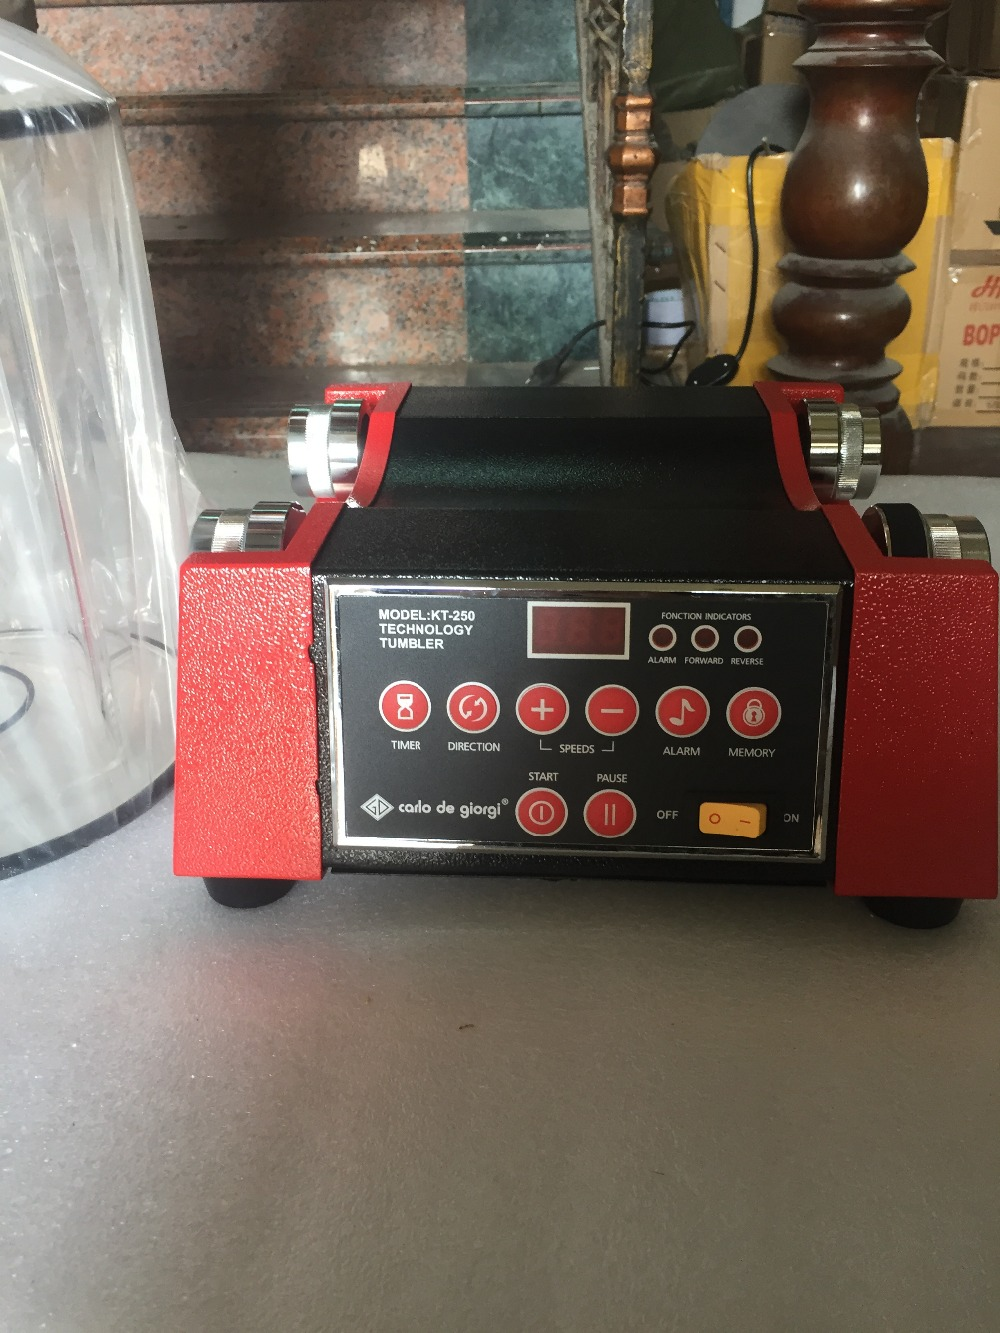 Machine rotative de culbutage de kt250 8 kg 220 V, machine de meulage d'or de polissage de nettoyage de diamant, gobelet rotatoire d'outils de fabrication de bijoux